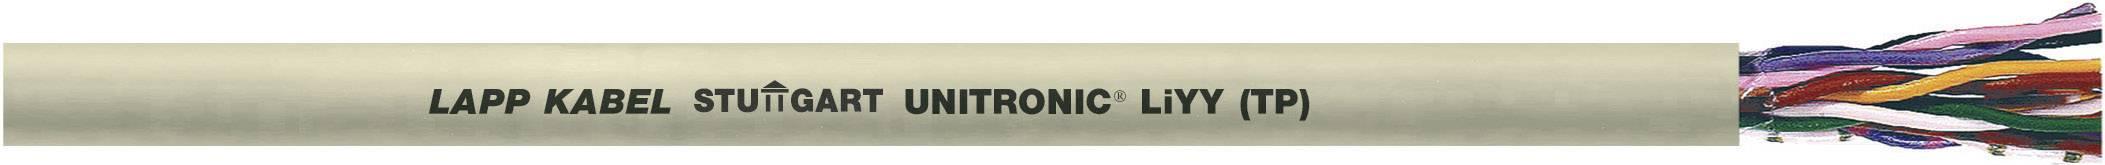 Dátový kábel LappKabel 0035161 UNITRONIC® LiYY (TP), 3 x 2 x 0.25 mm², sivá, metrový tovar